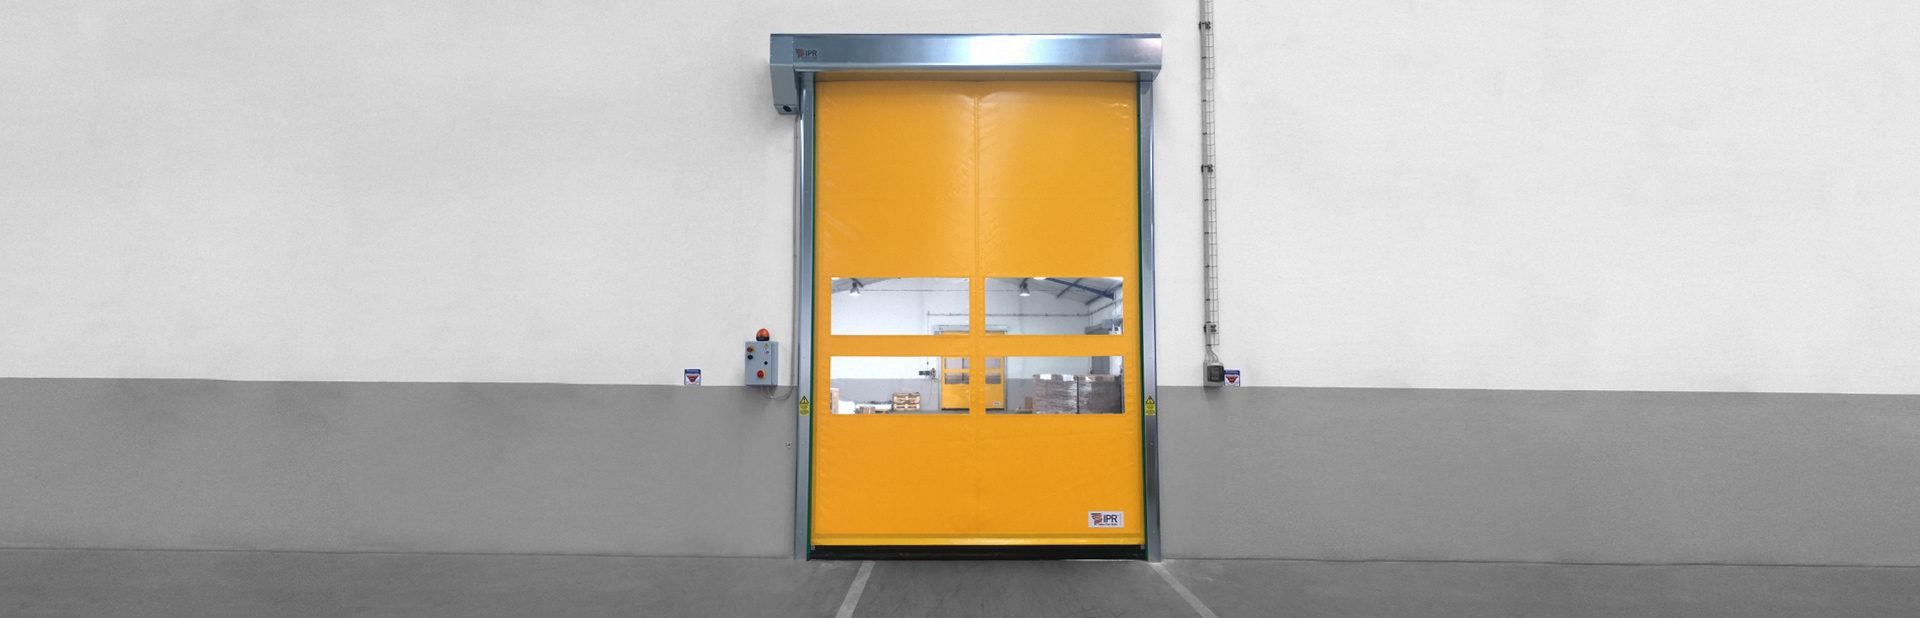 Flexirun - Portas rápidas industrial IPR